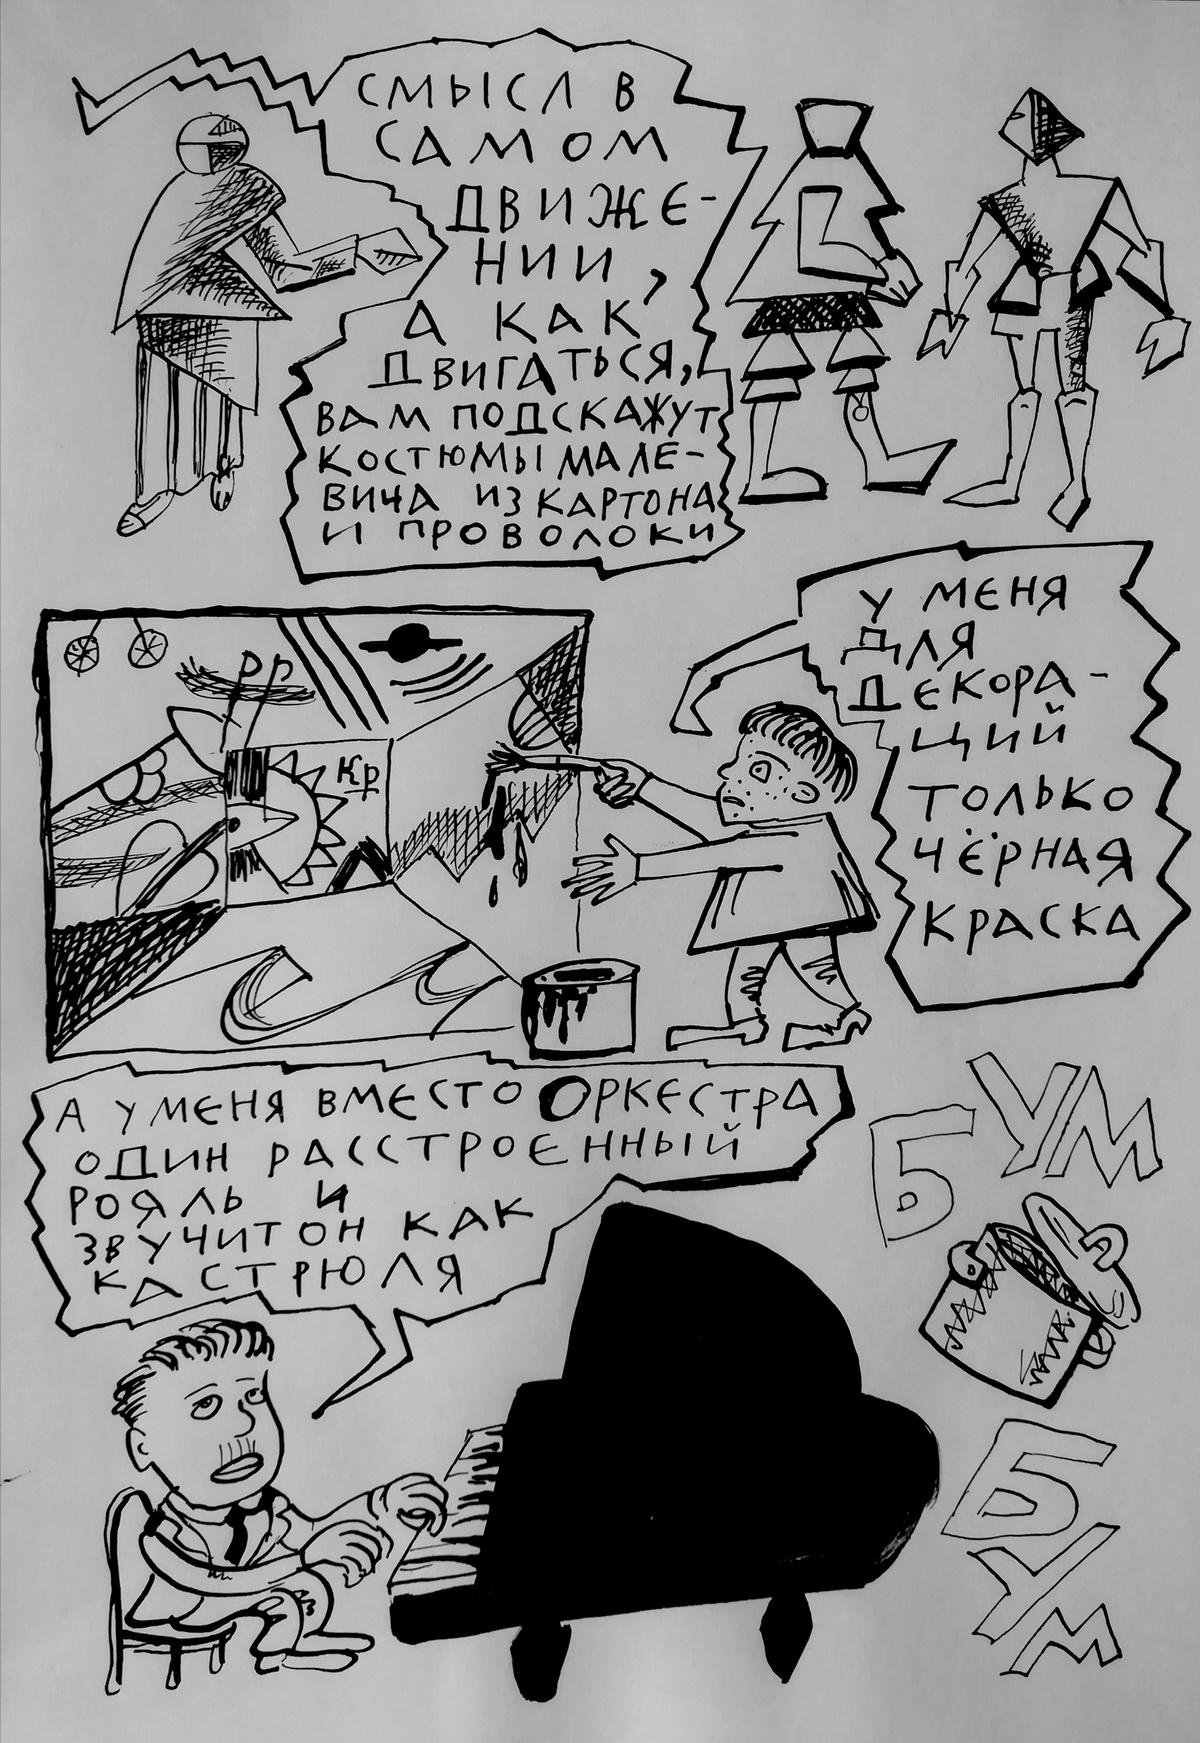 Георгий Литичевский. Рождение авангарда. Комикс. Фрагмент. 2021. Фото из архива художника